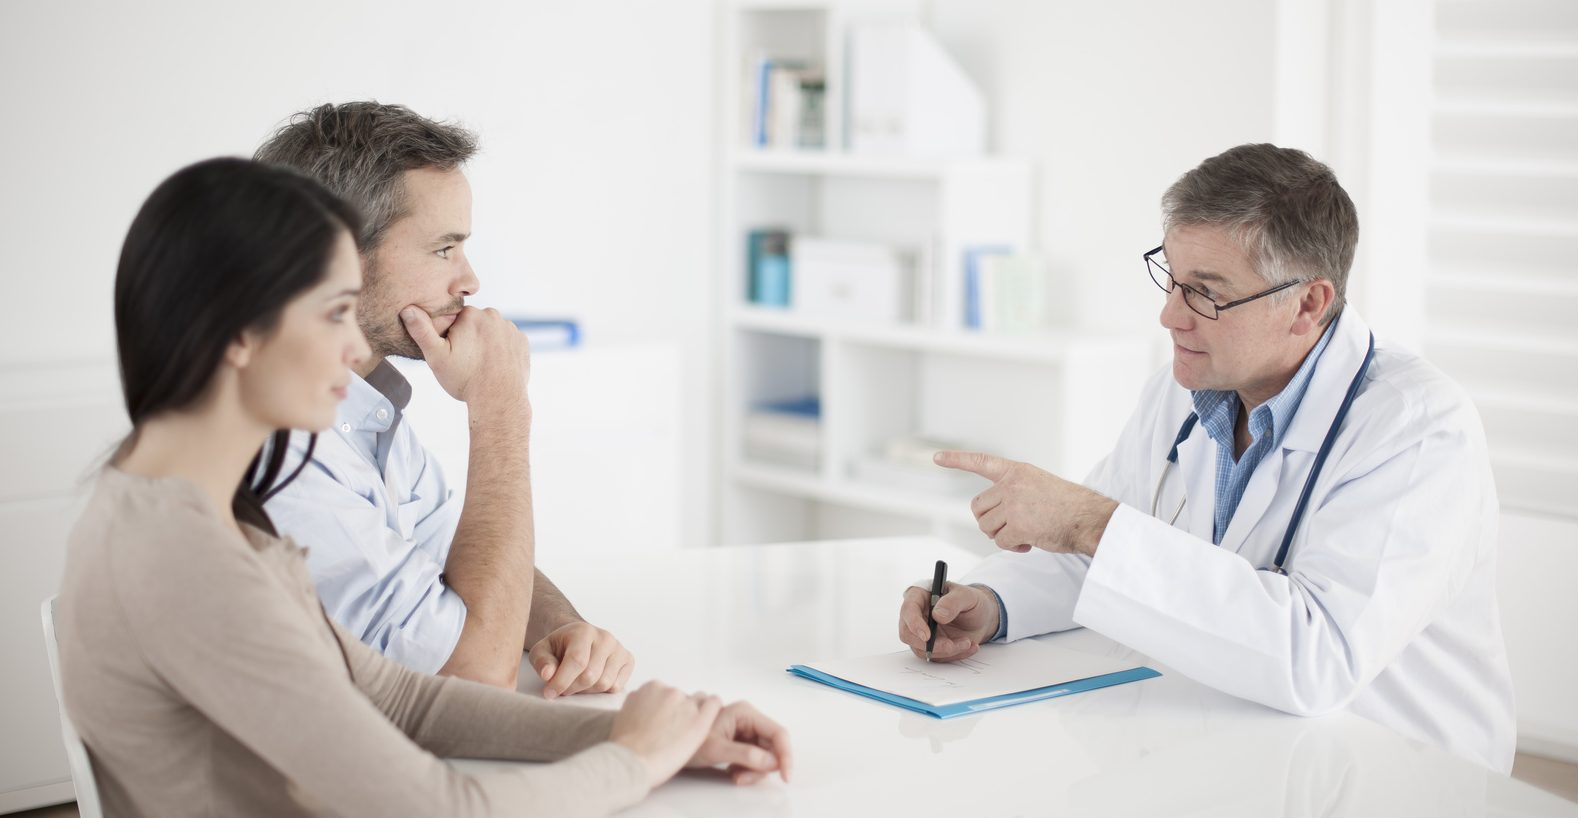 Para u lekarza /Ilustracja do tekstu: Nie tylko ginekolog. 7 specjalistów od niepłodności /Transfer zarodków z rządowego programu in vitro: płatny czy nie?